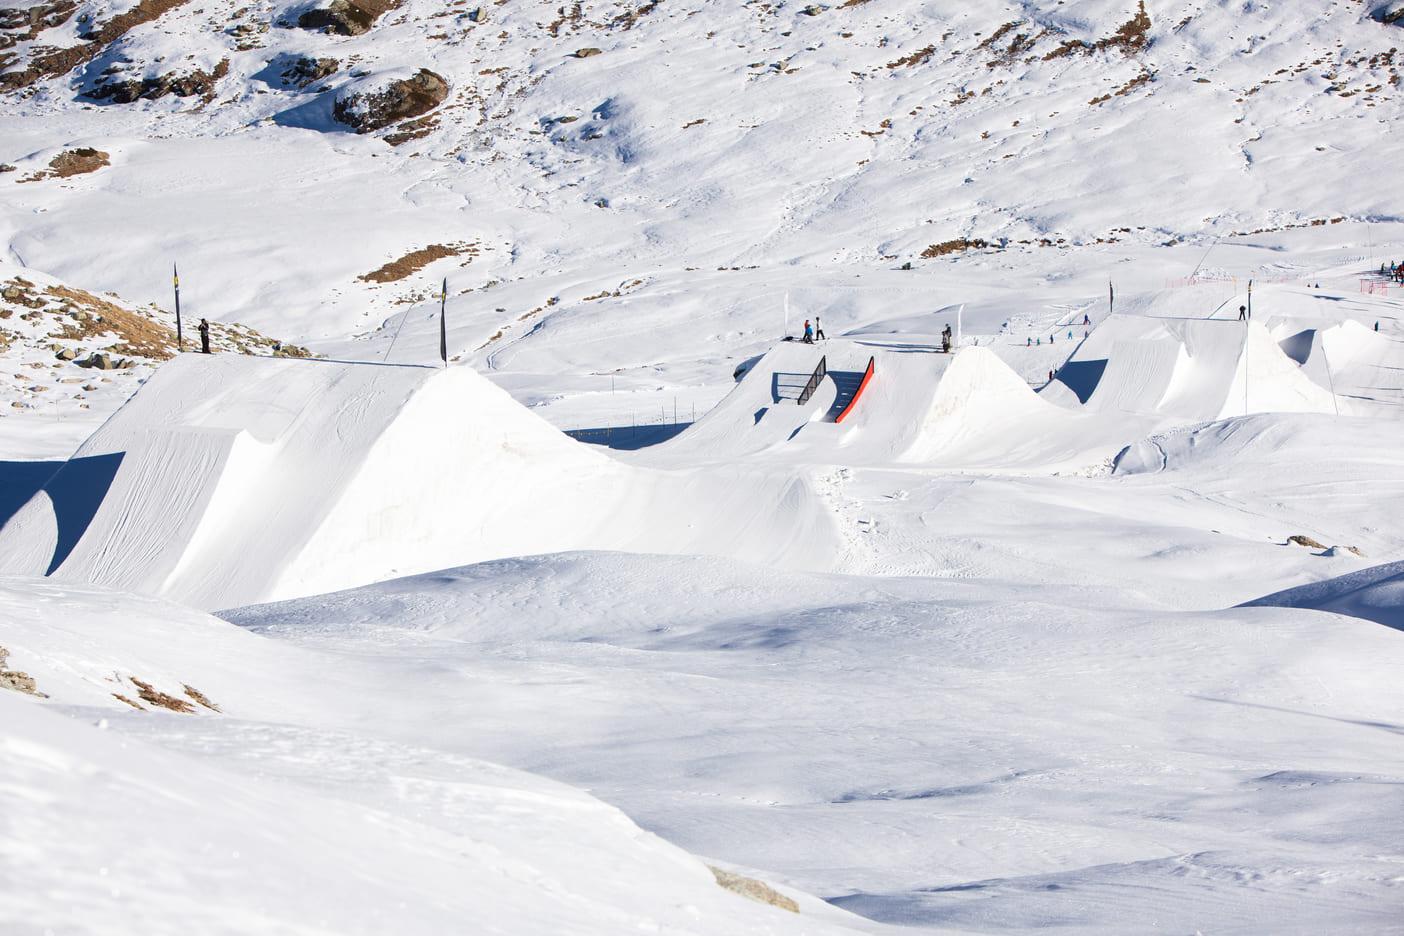 Snowboard World Cup Corvatsch 2021